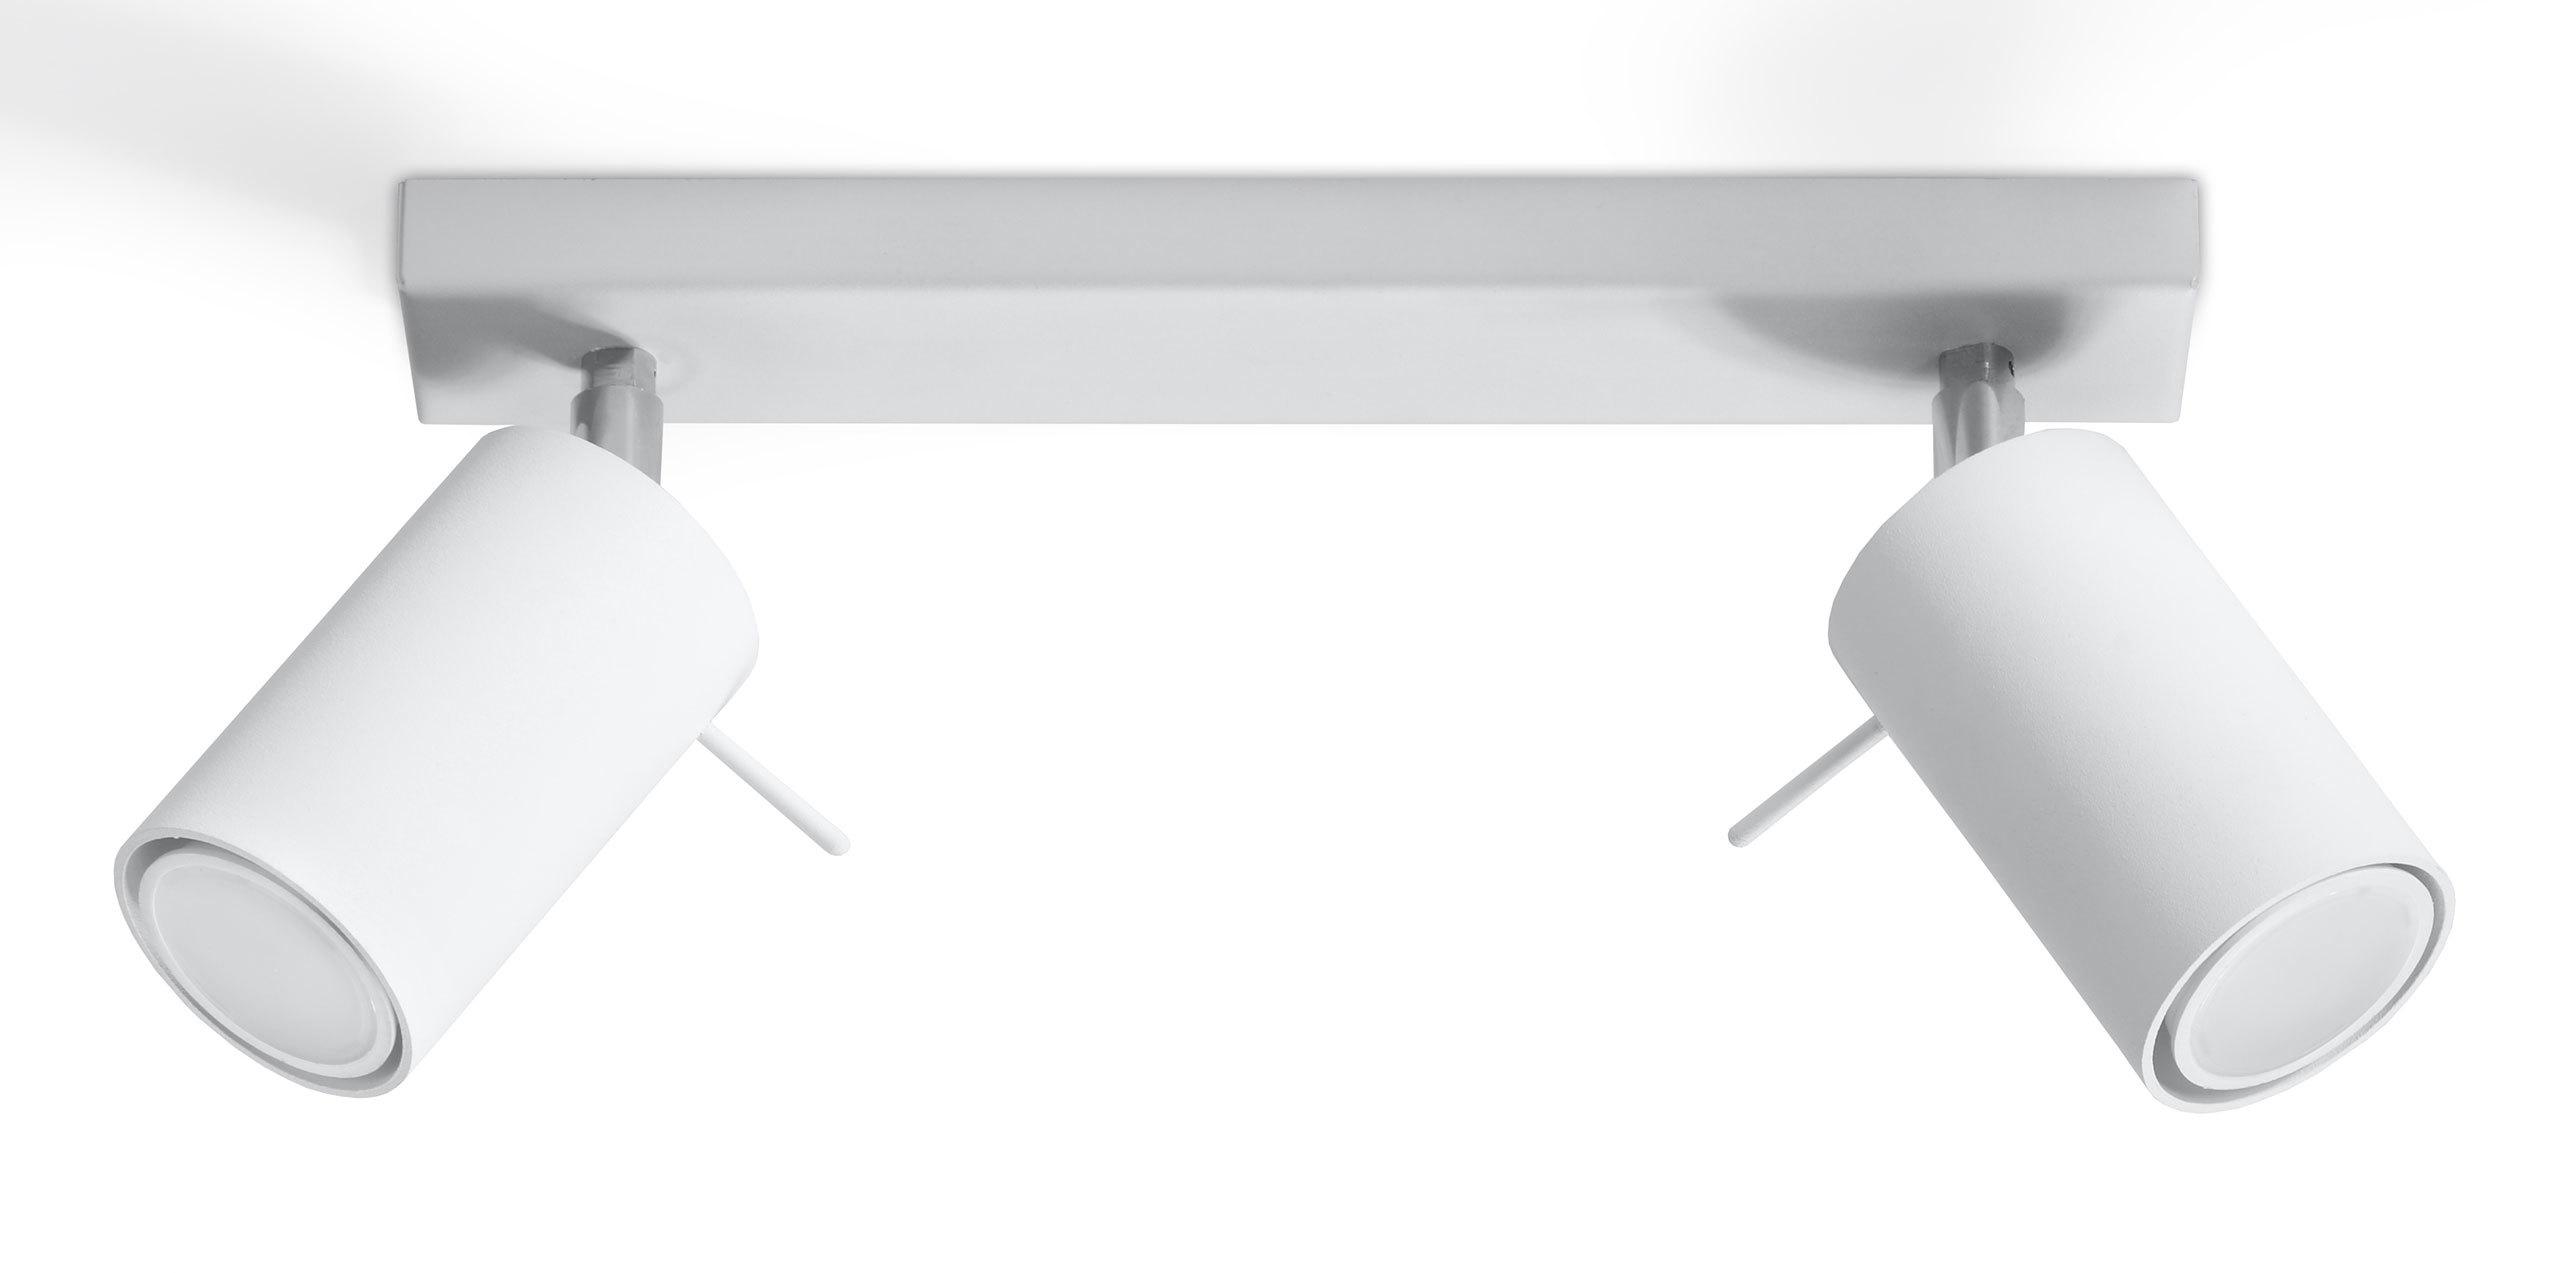 Lampa sufitowa RING 2 biały SL.0088 Sollux  SPRAWDŹ RABATY  5-10-15-20 % w koszyku